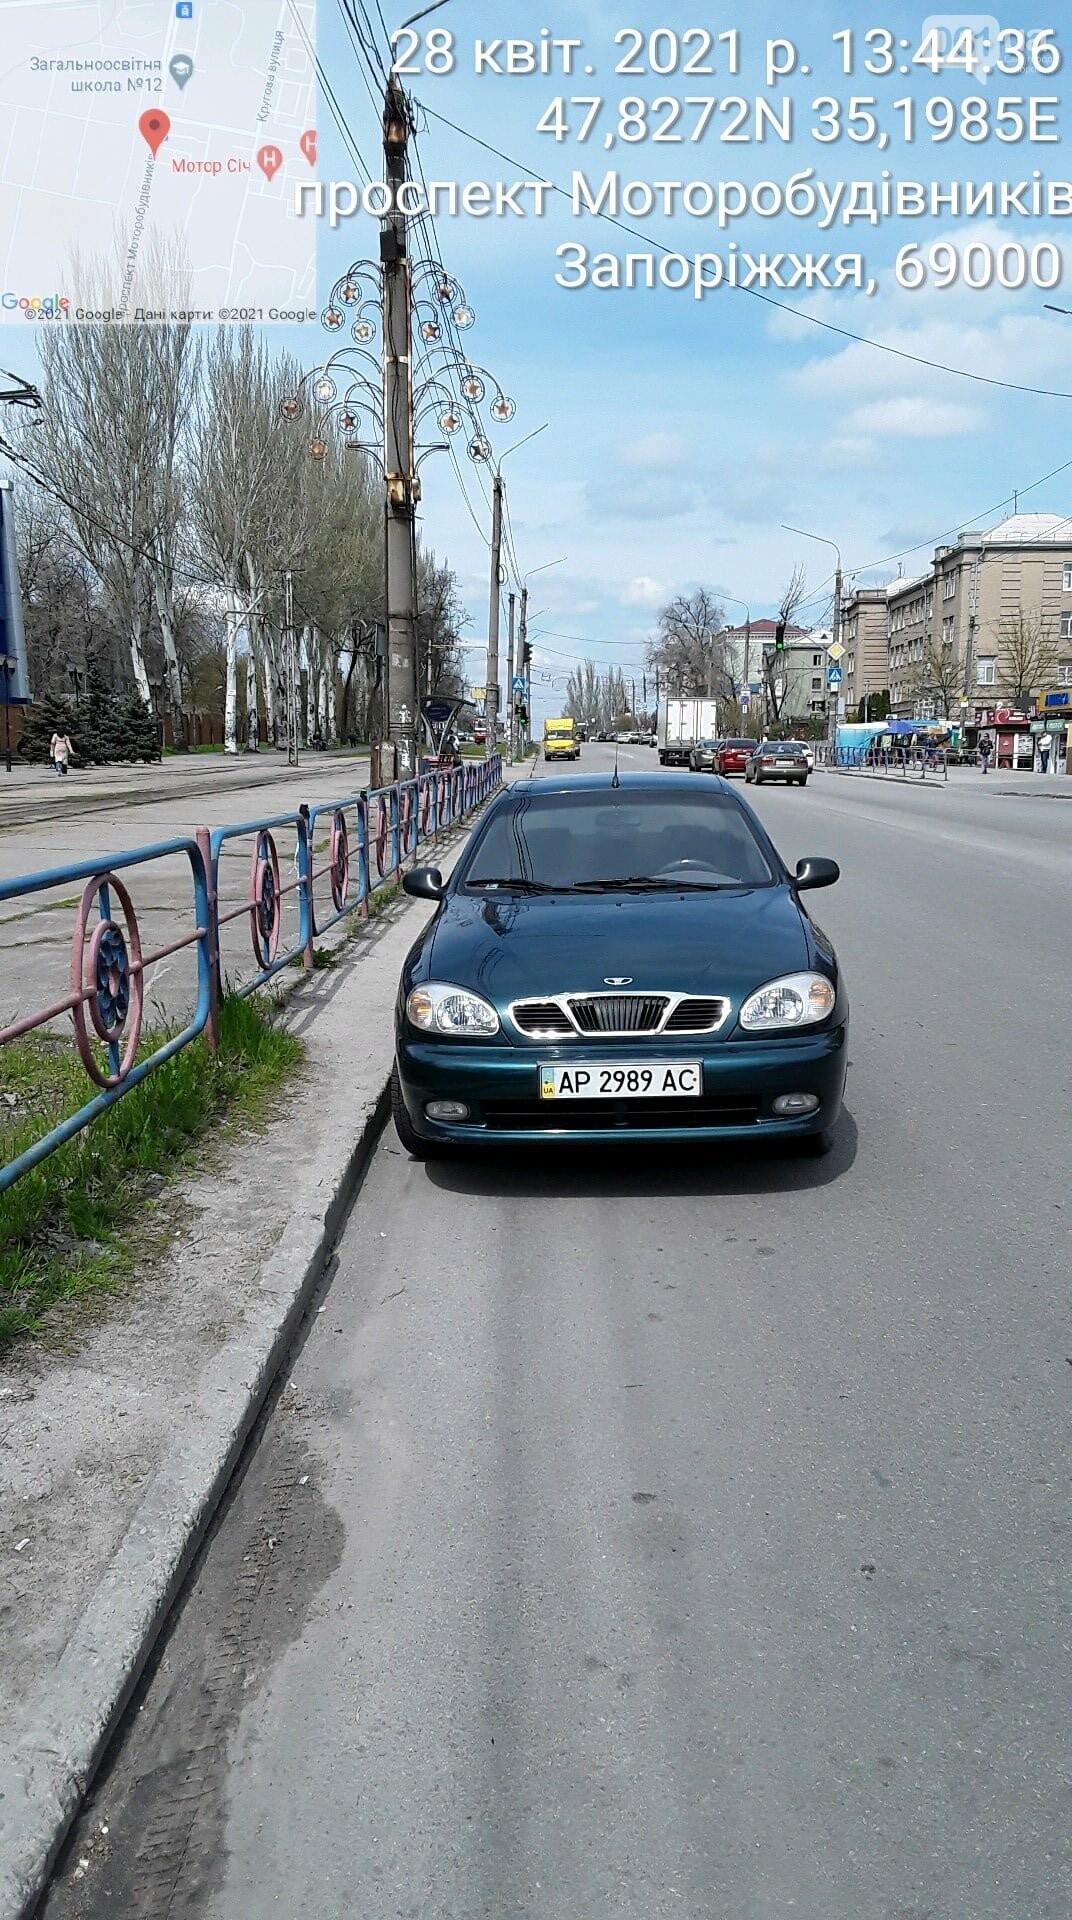 В Запорожье инспекторы по парковке дважды за полчаса оштрафовали один и тот же автомобиль, фото-2